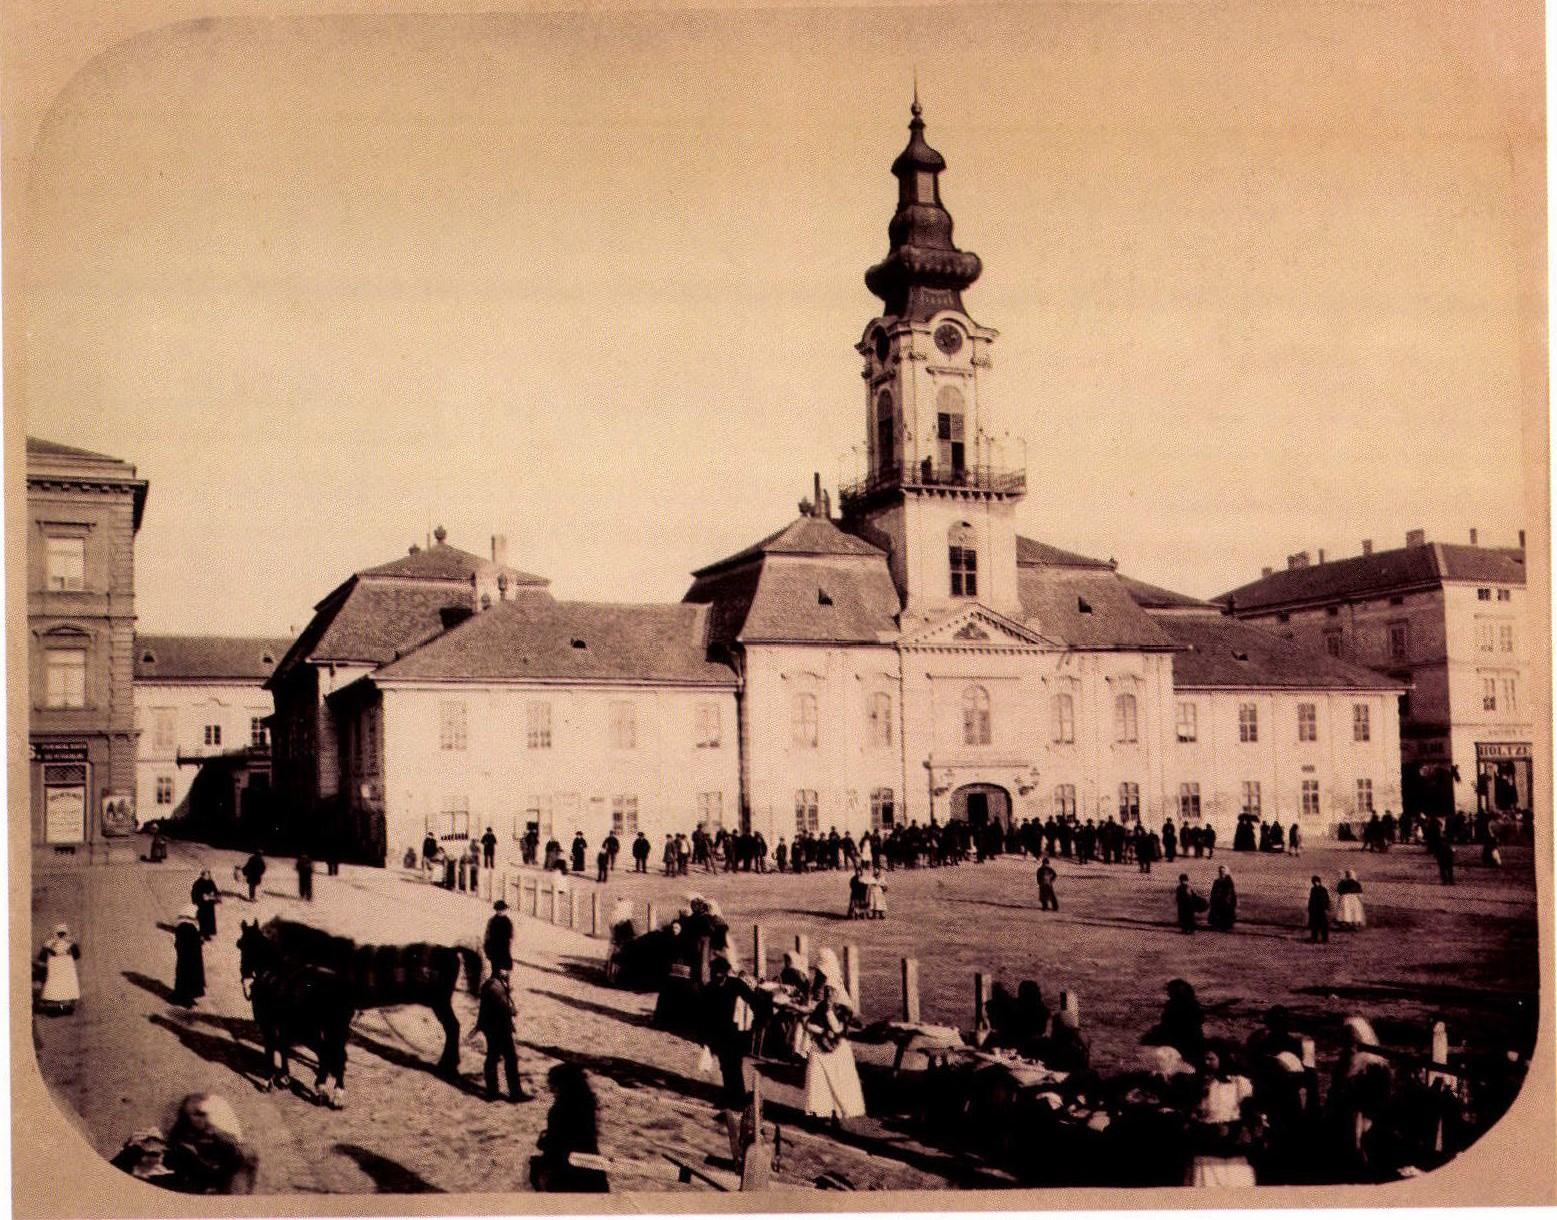 135 éve tették le a városháza alapkövét